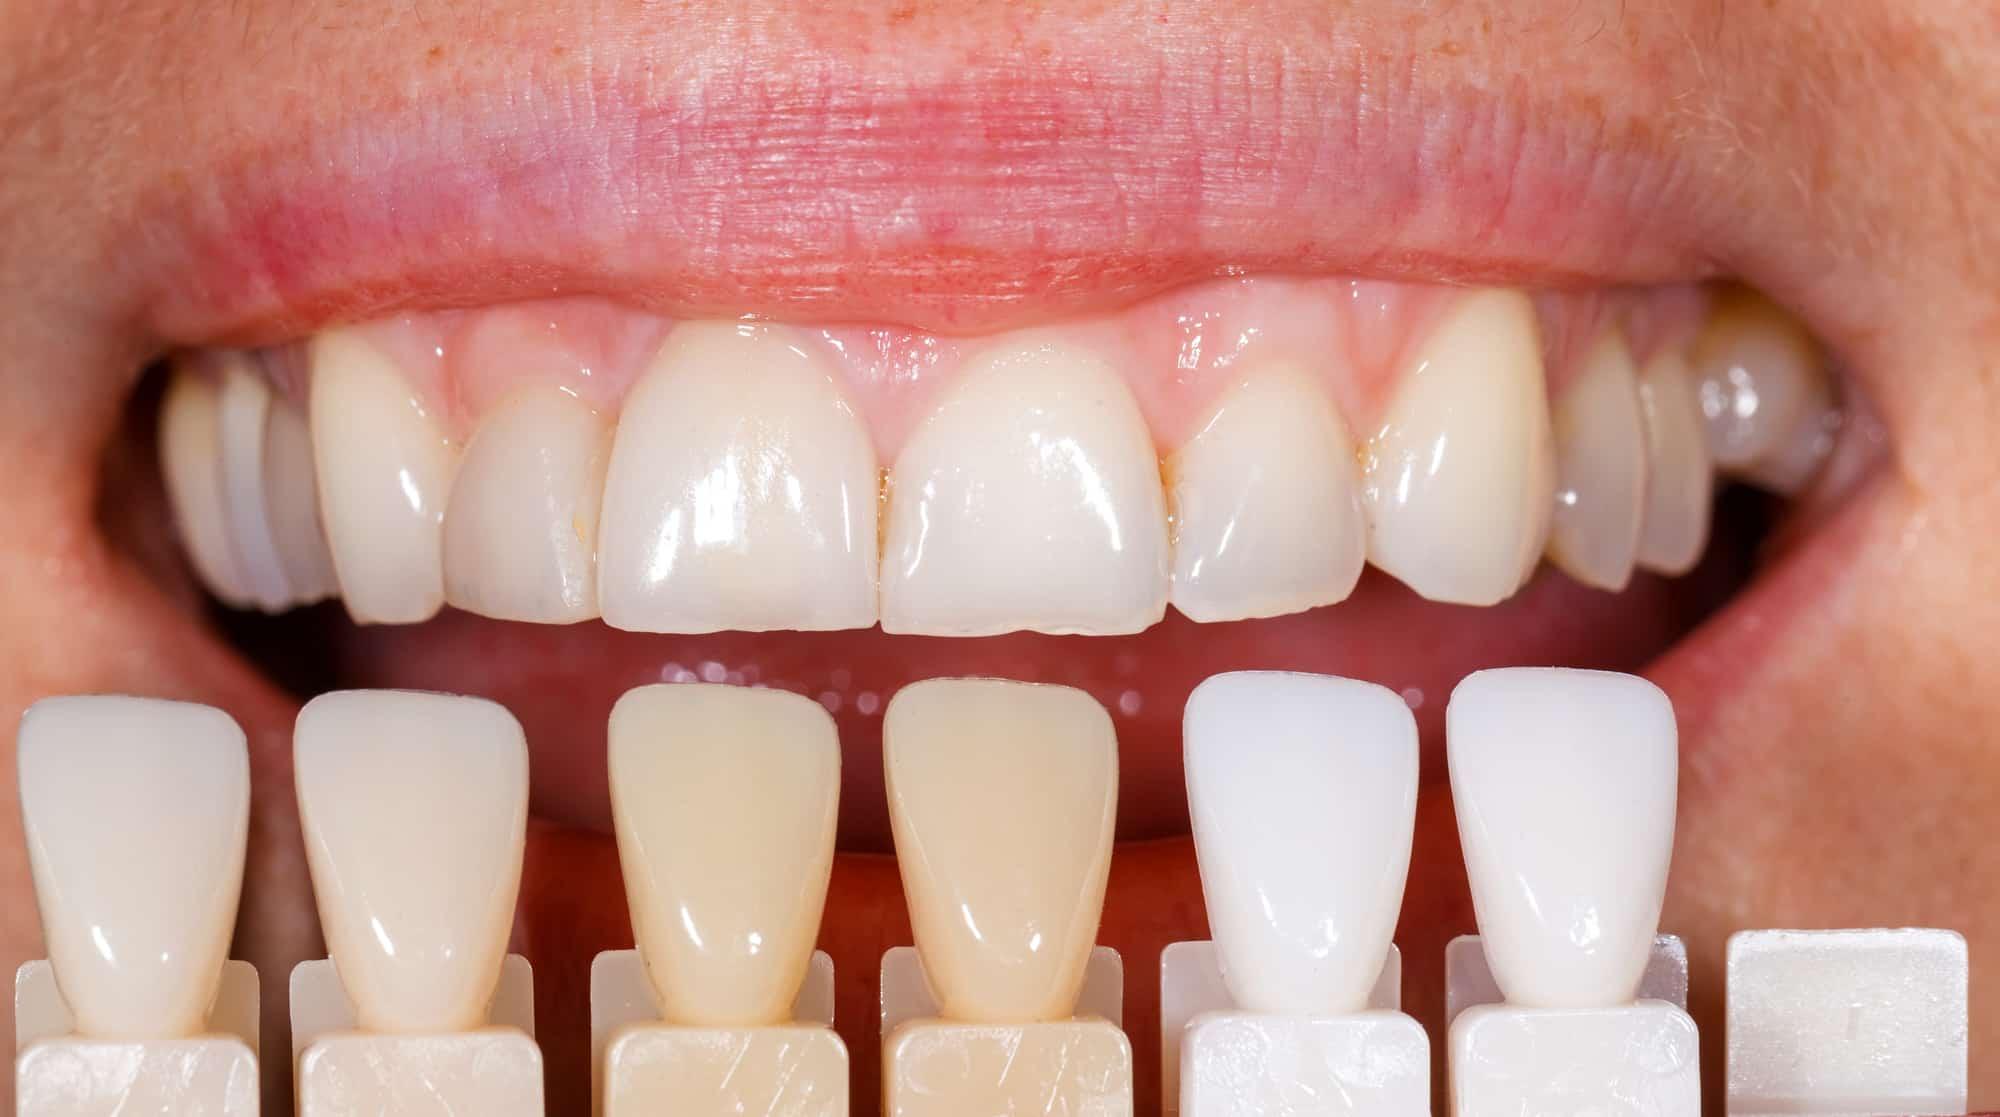 عدسات الأسنان اللاصقة لابتسامة رائعة